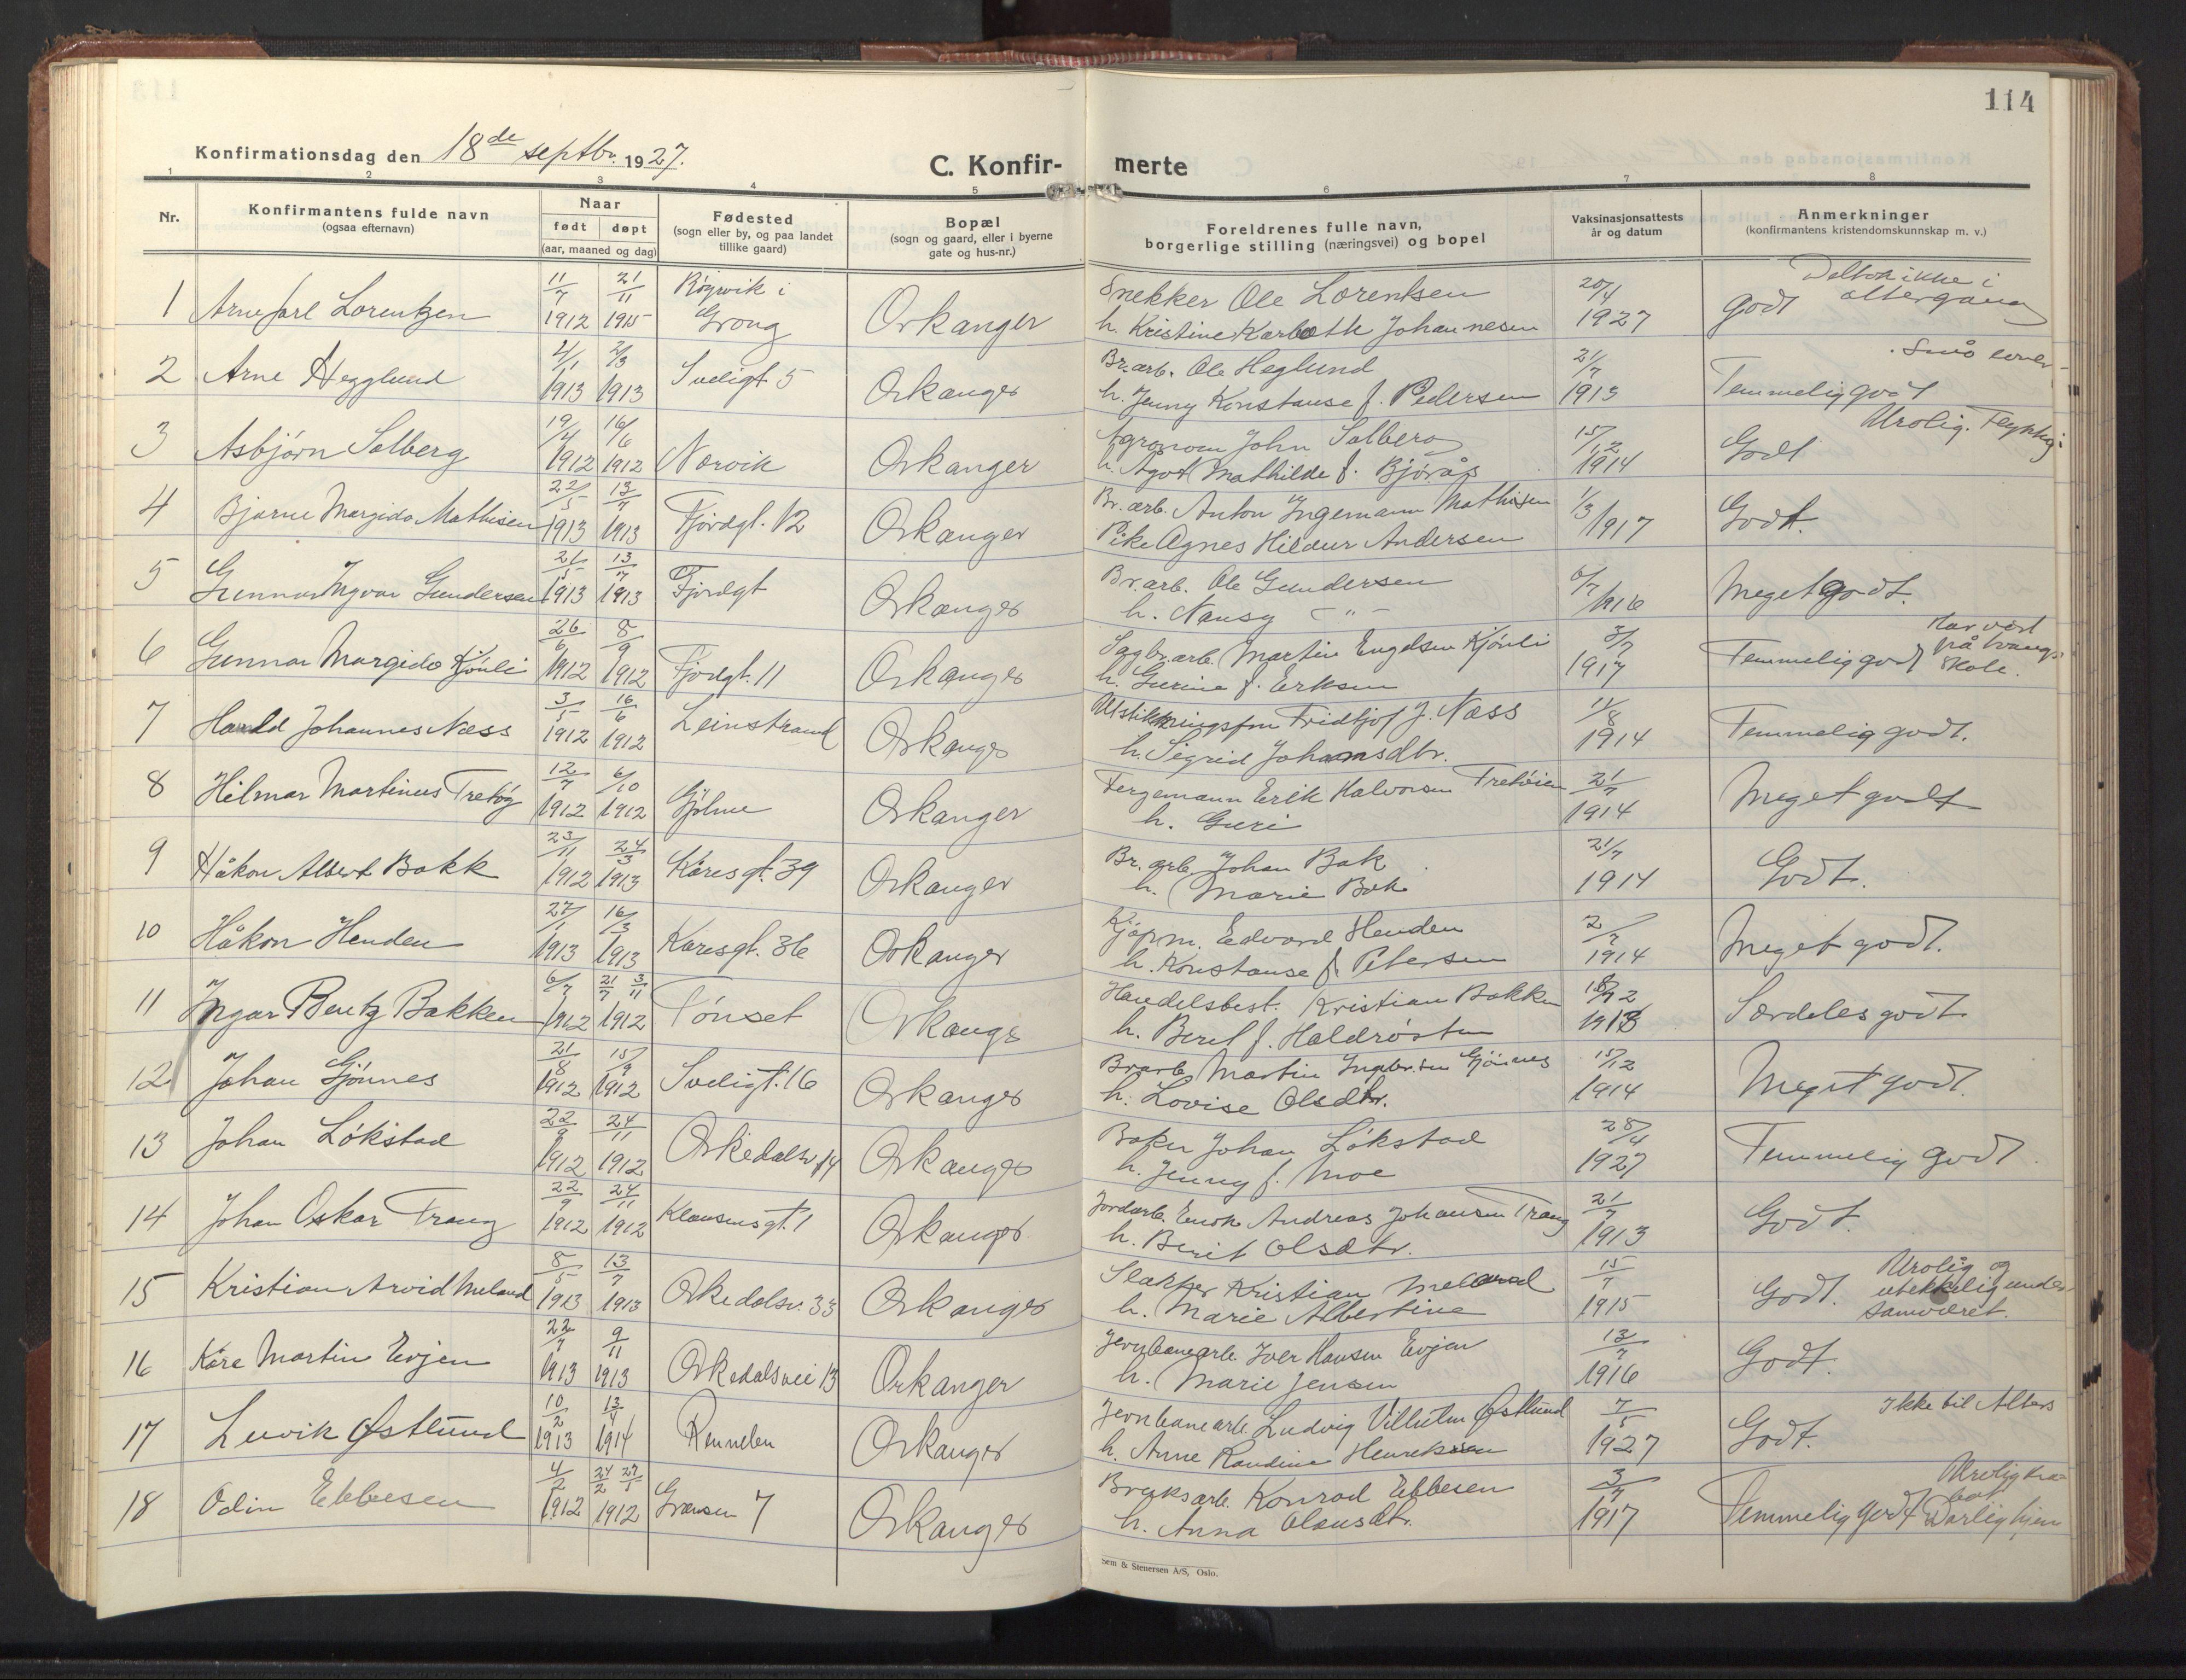 SAT, Ministerialprotokoller, klokkerbøker og fødselsregistre - Sør-Trøndelag, 669/L0832: Klokkerbok nr. 669C02, 1925-1953, s. 114